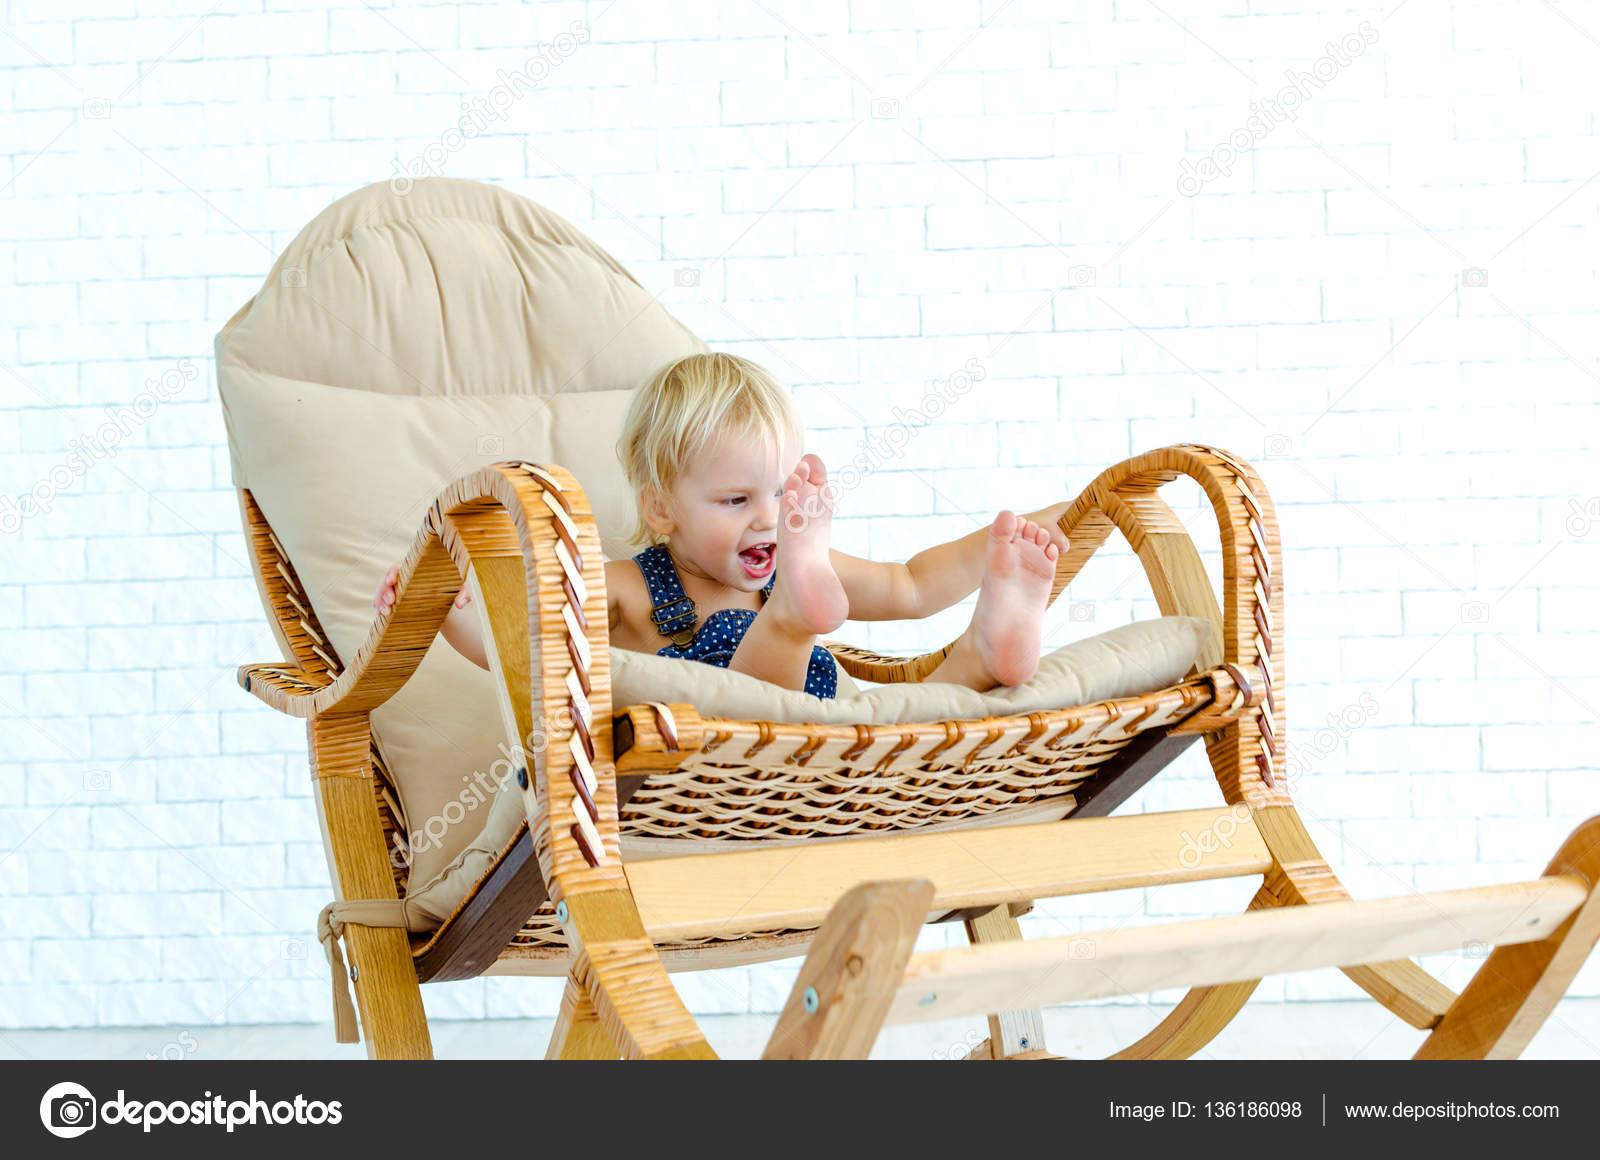 Sedie A Dondolo Depoca : Bambino impressionabile divertirsi bambina guida una sedia